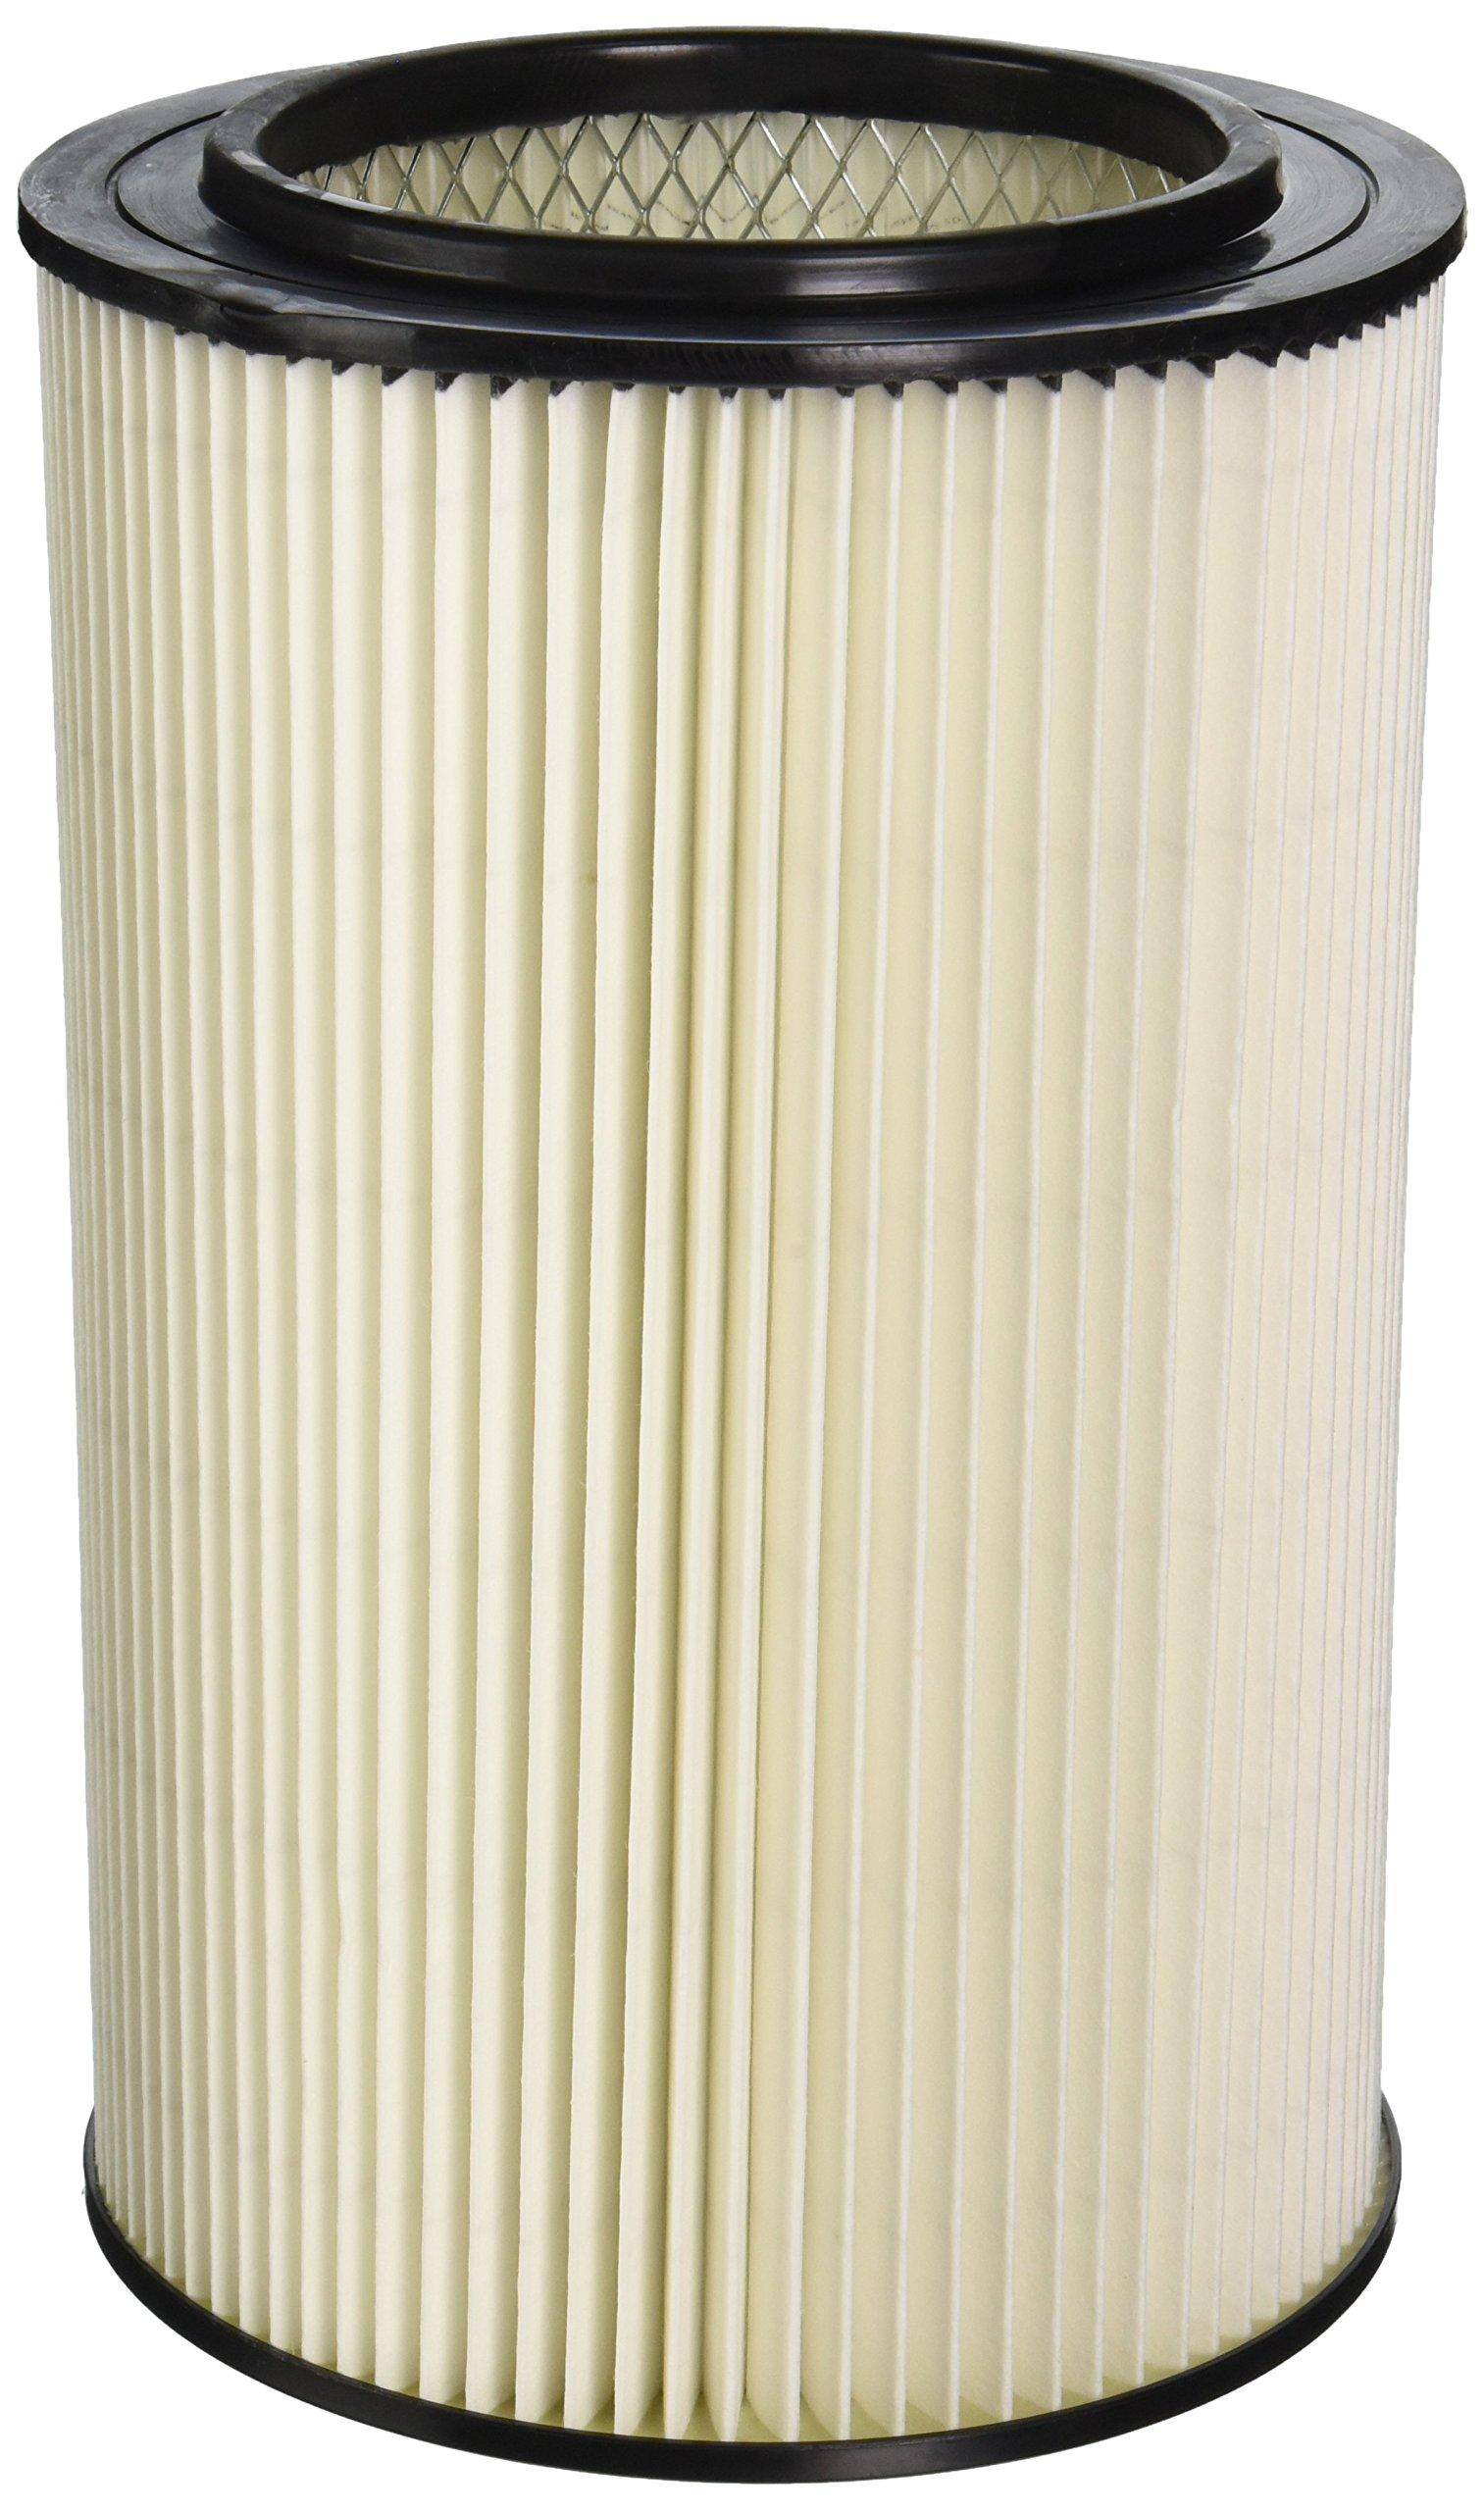 Filter, CS1200/FC1550/299E/599E/799E/1099E Central